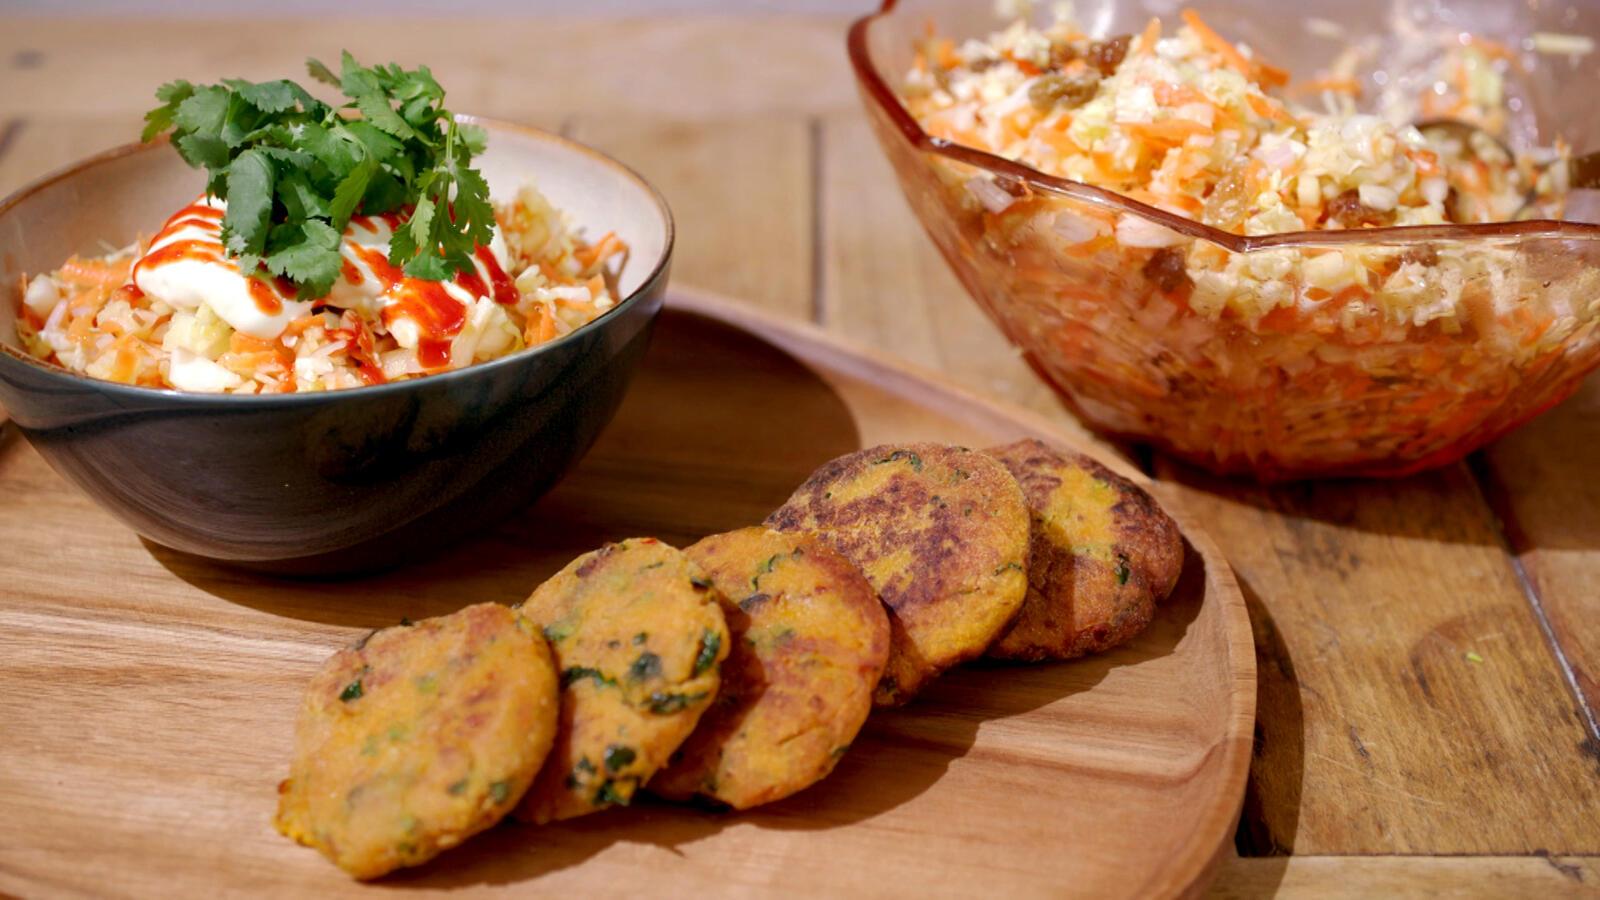 Koekjes van zoete aardappel met een slaatje van Chinese kool en chiliyoghurt